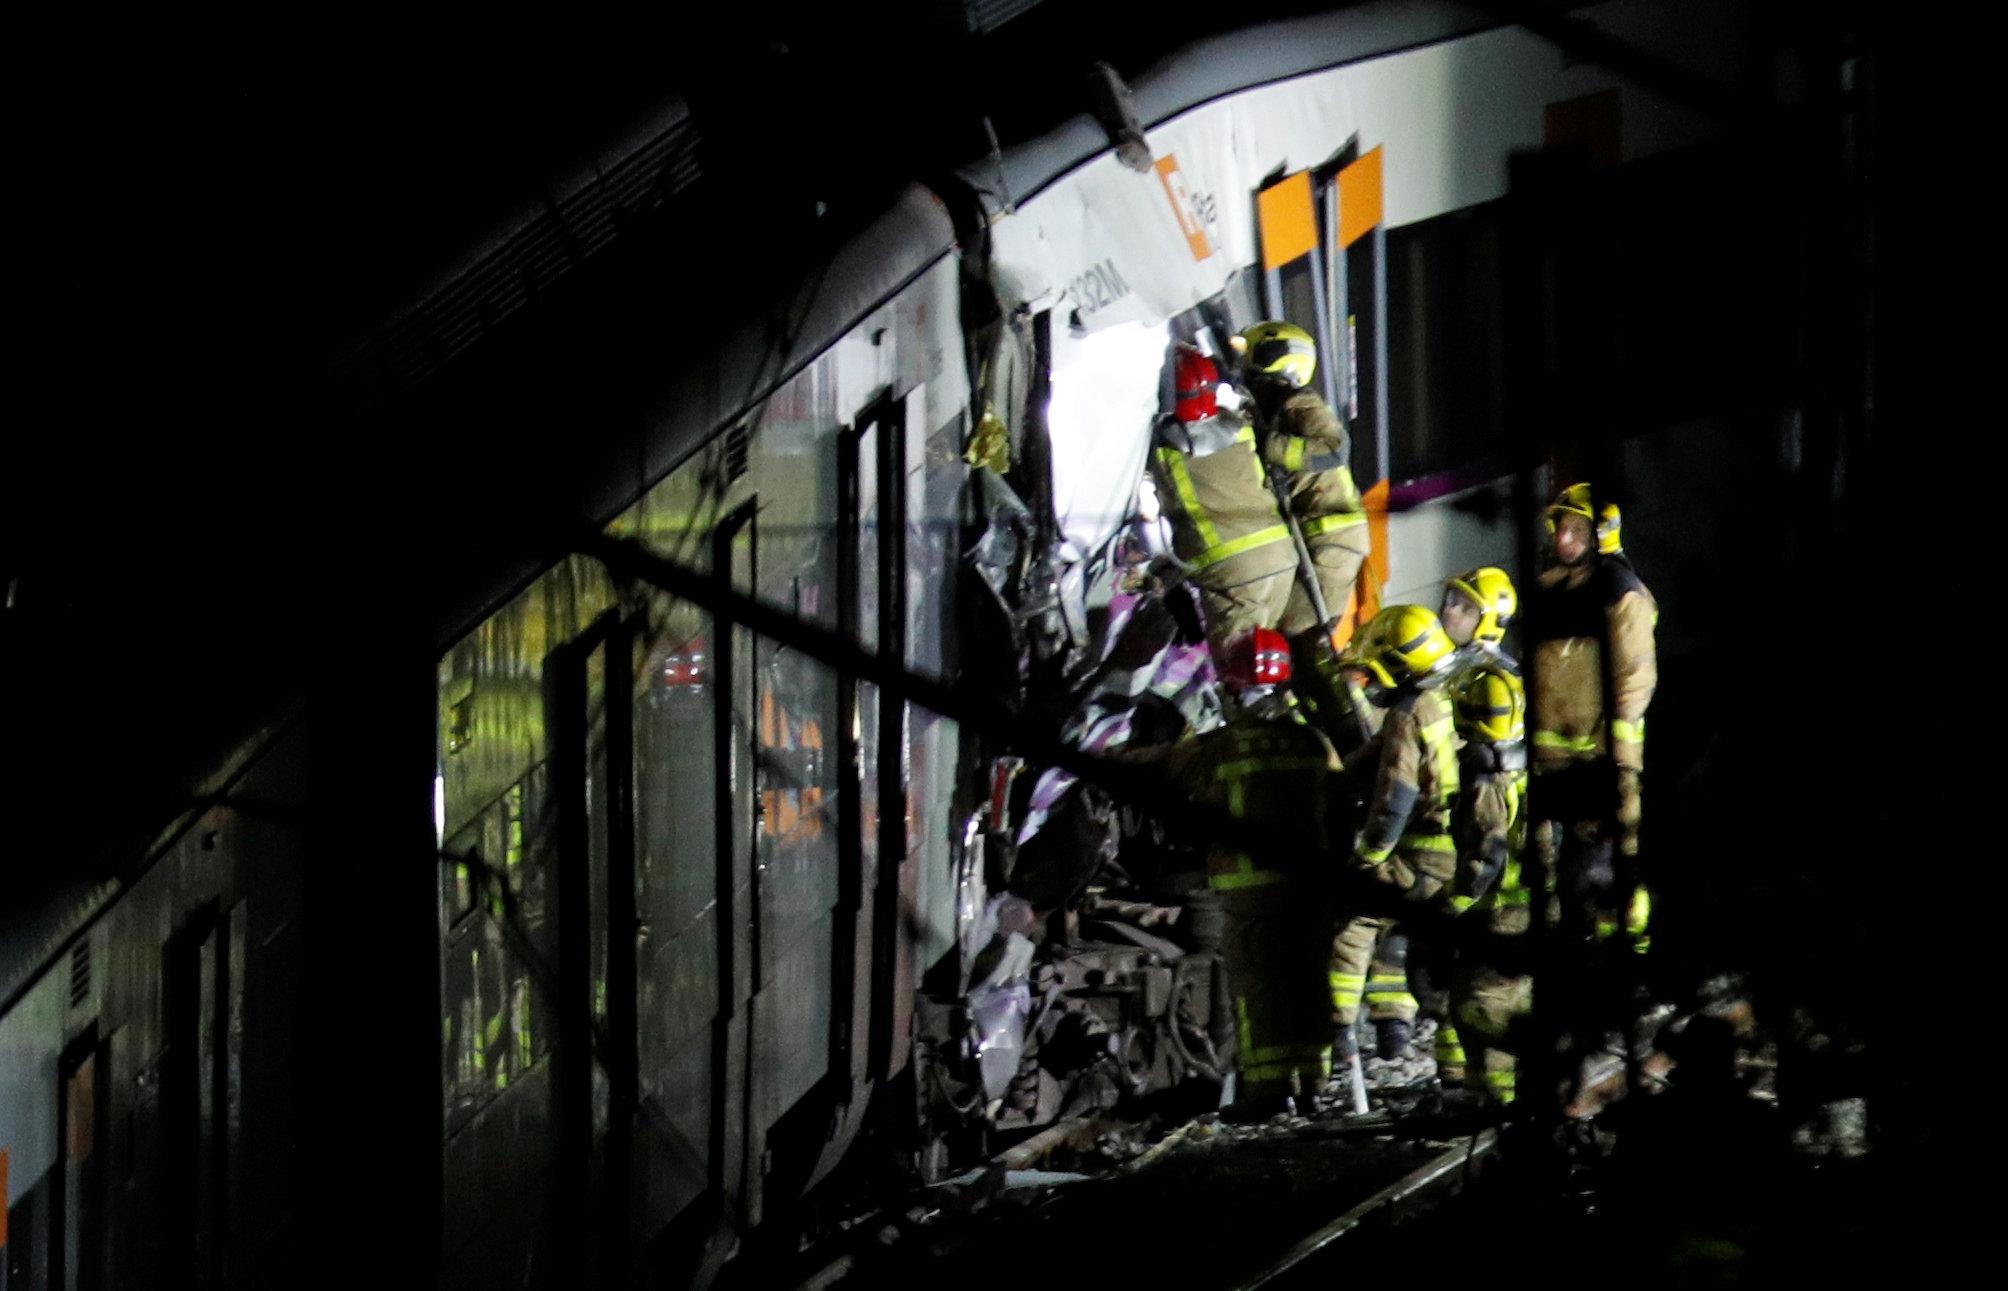 حادث تصادم قطارين بإسبانيا (5)